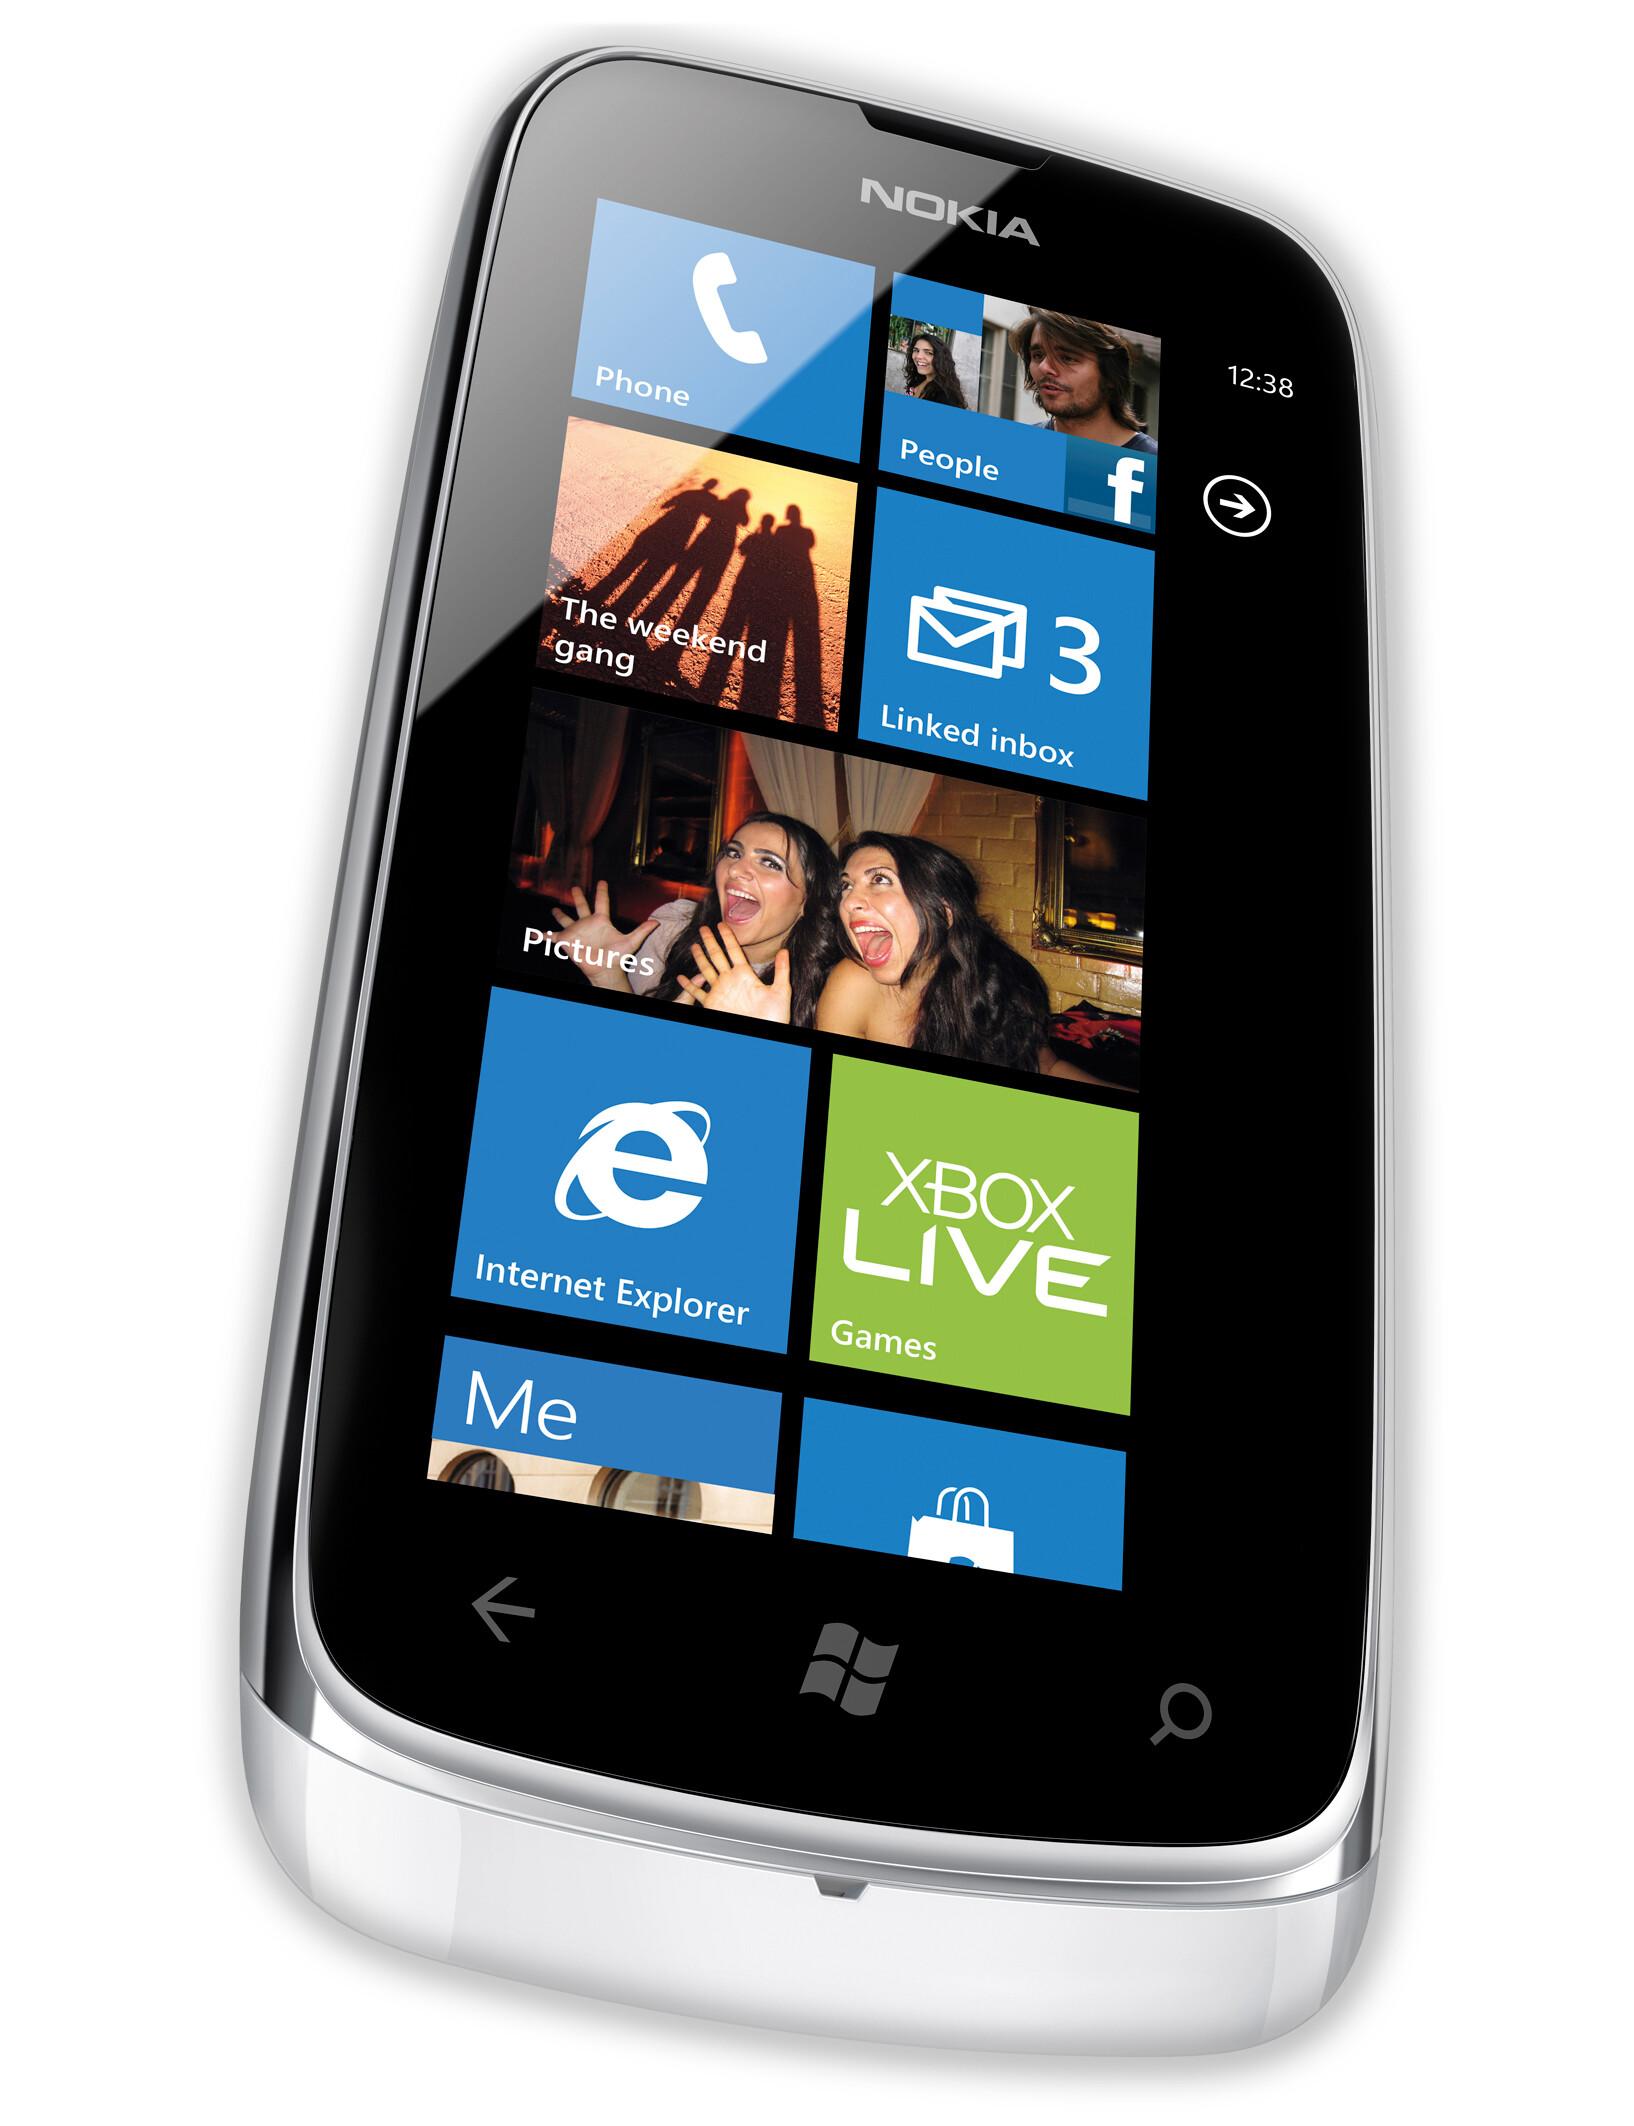 Nokia Lumia 610 : nokia lumia 610 specs ~ Eleganceandgraceweddings.com Haus und Dekorationen